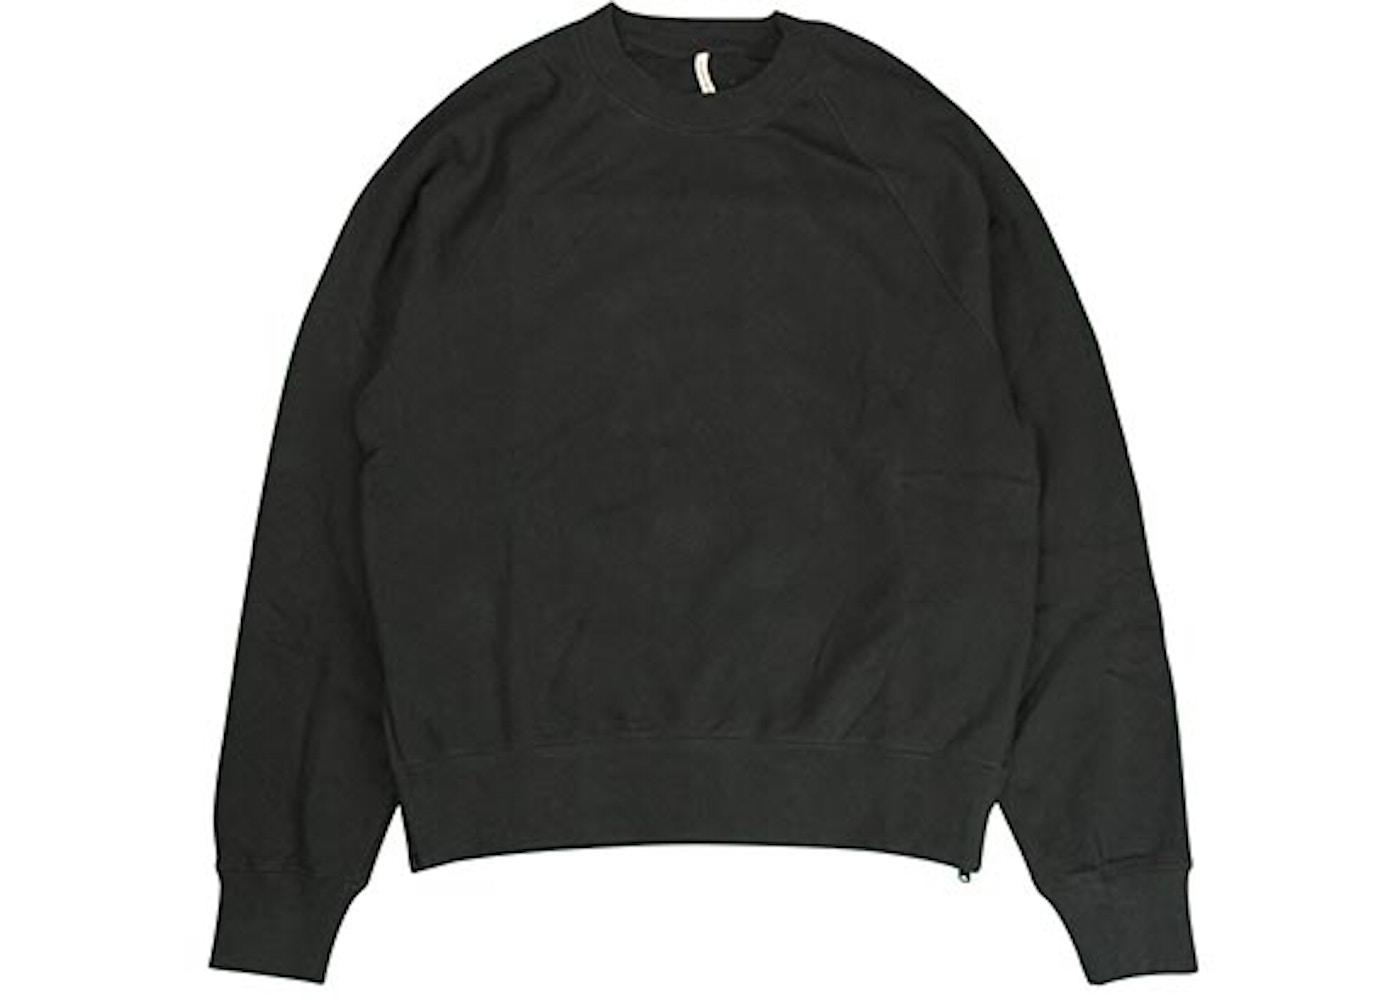 259260db0 FEAR OF GOD FOG Essentials Crew Neck Sweatshirt Black - FOG Essentials